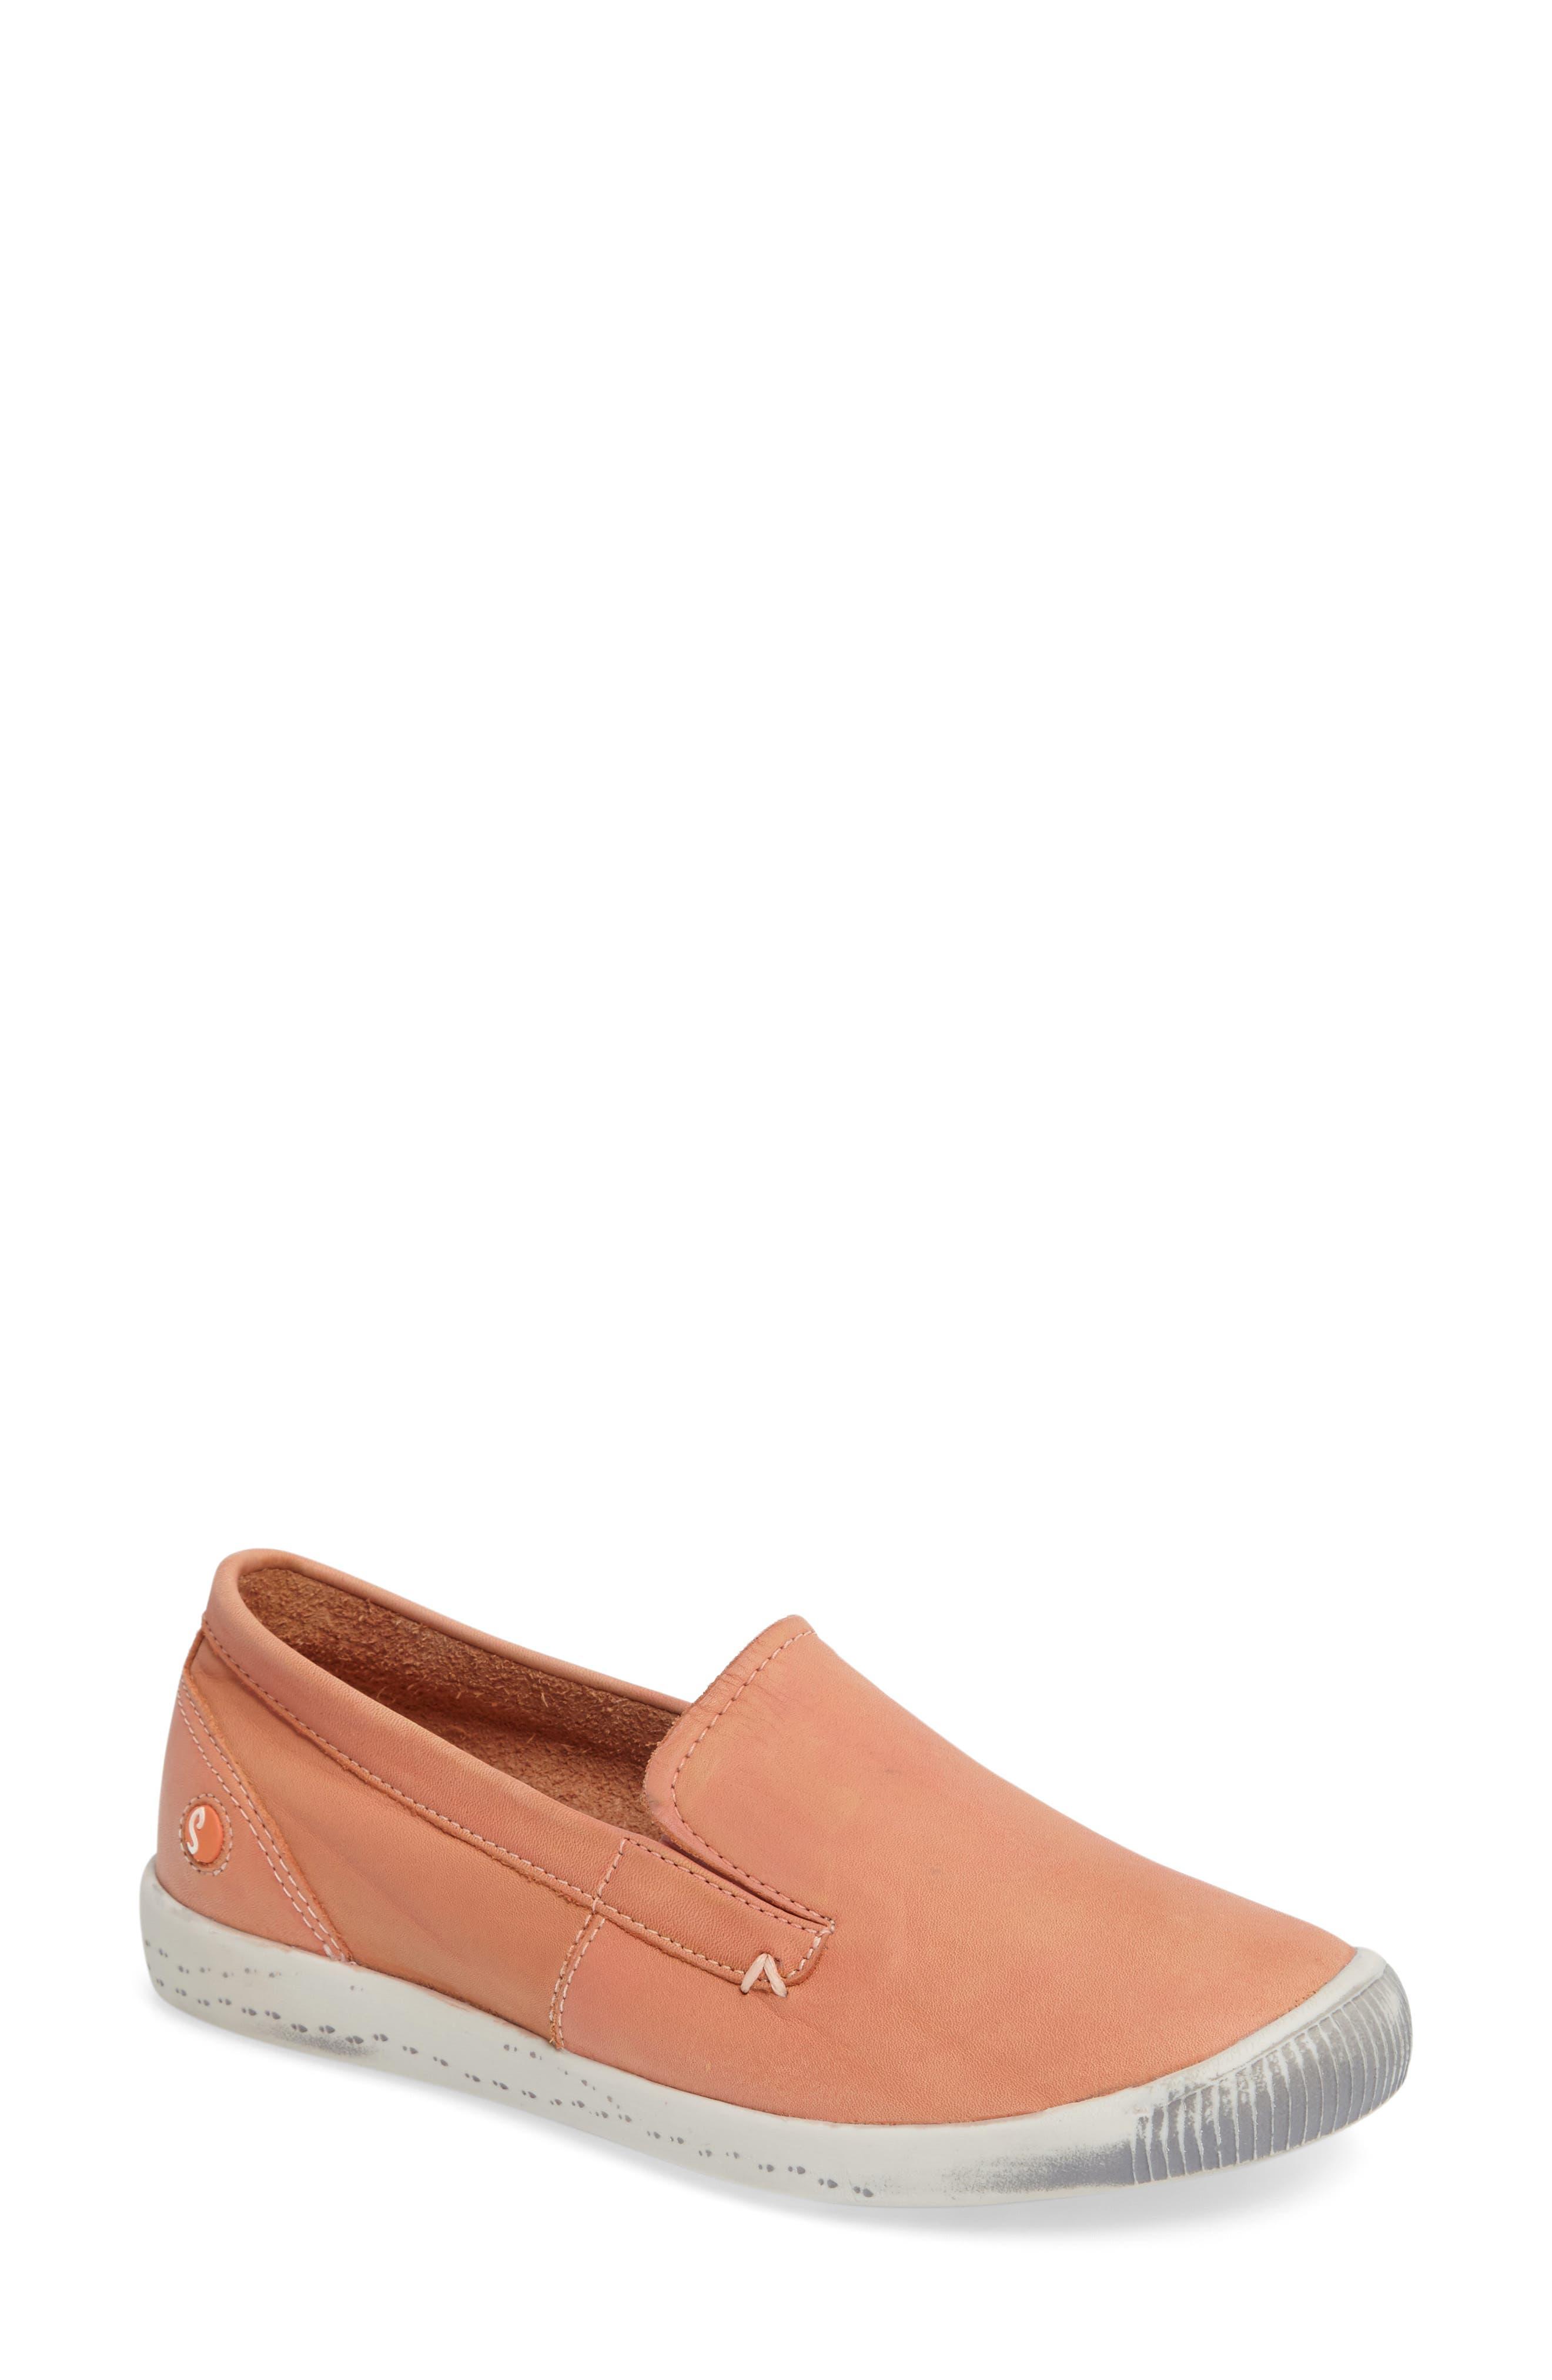 Fly London Ita Slip-On Sneaker (Women)